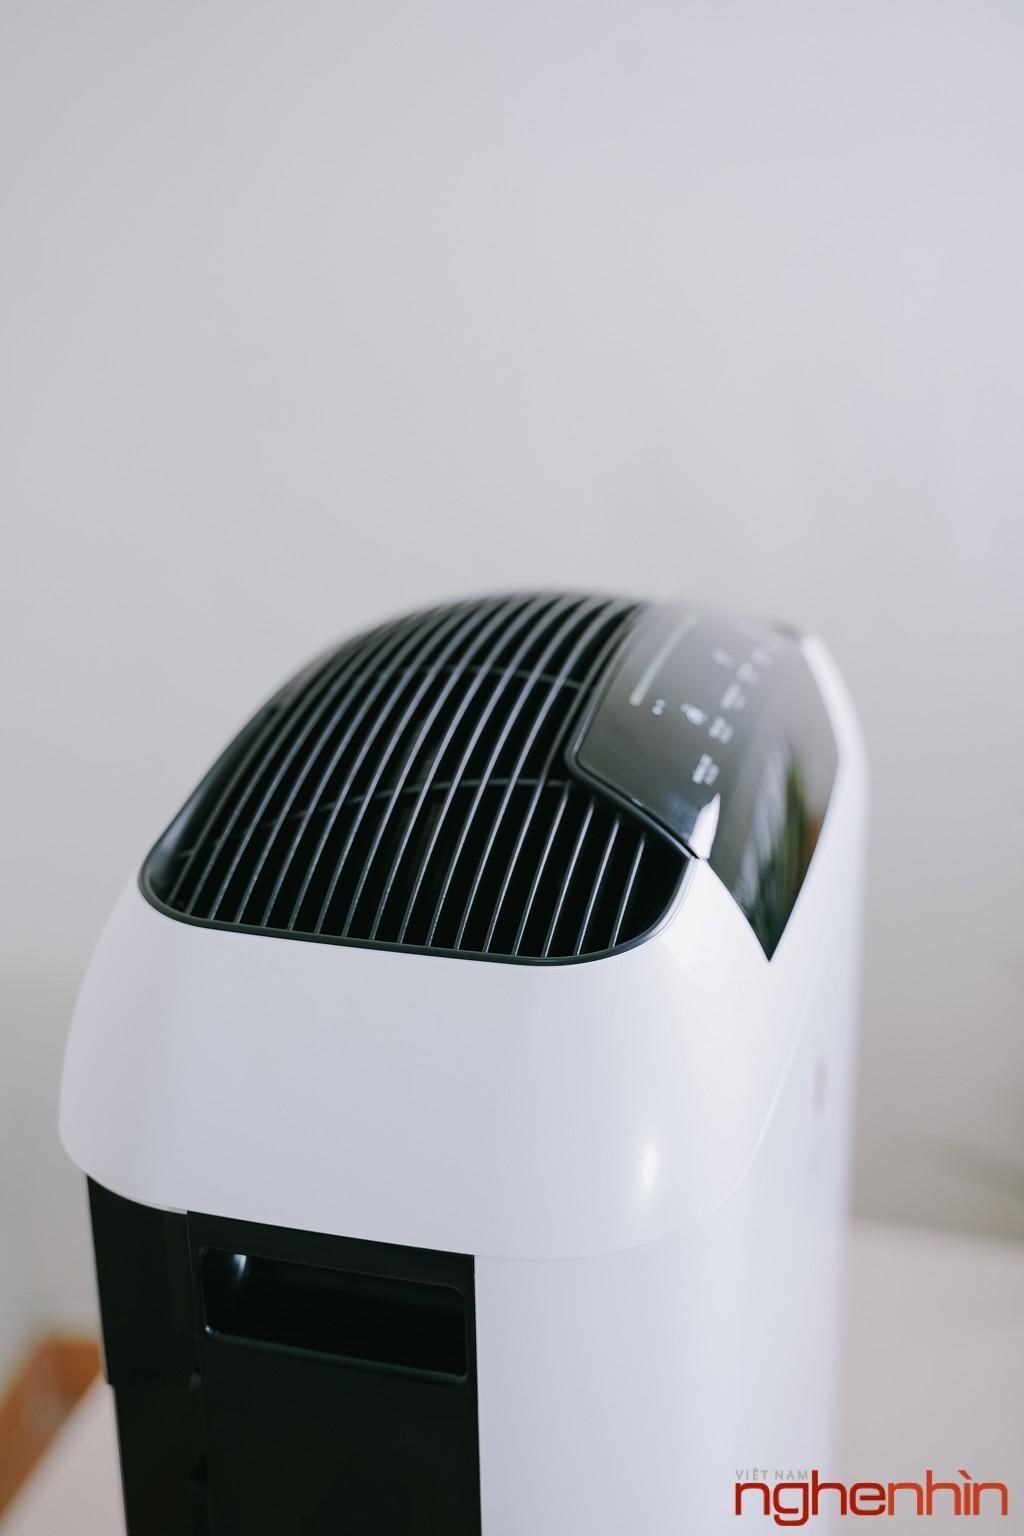 Cận cảnh máy lọc không khí Vsmart giá 3 triệu: nhỏ gọn, đầy đủ tính năng  ảnh 13